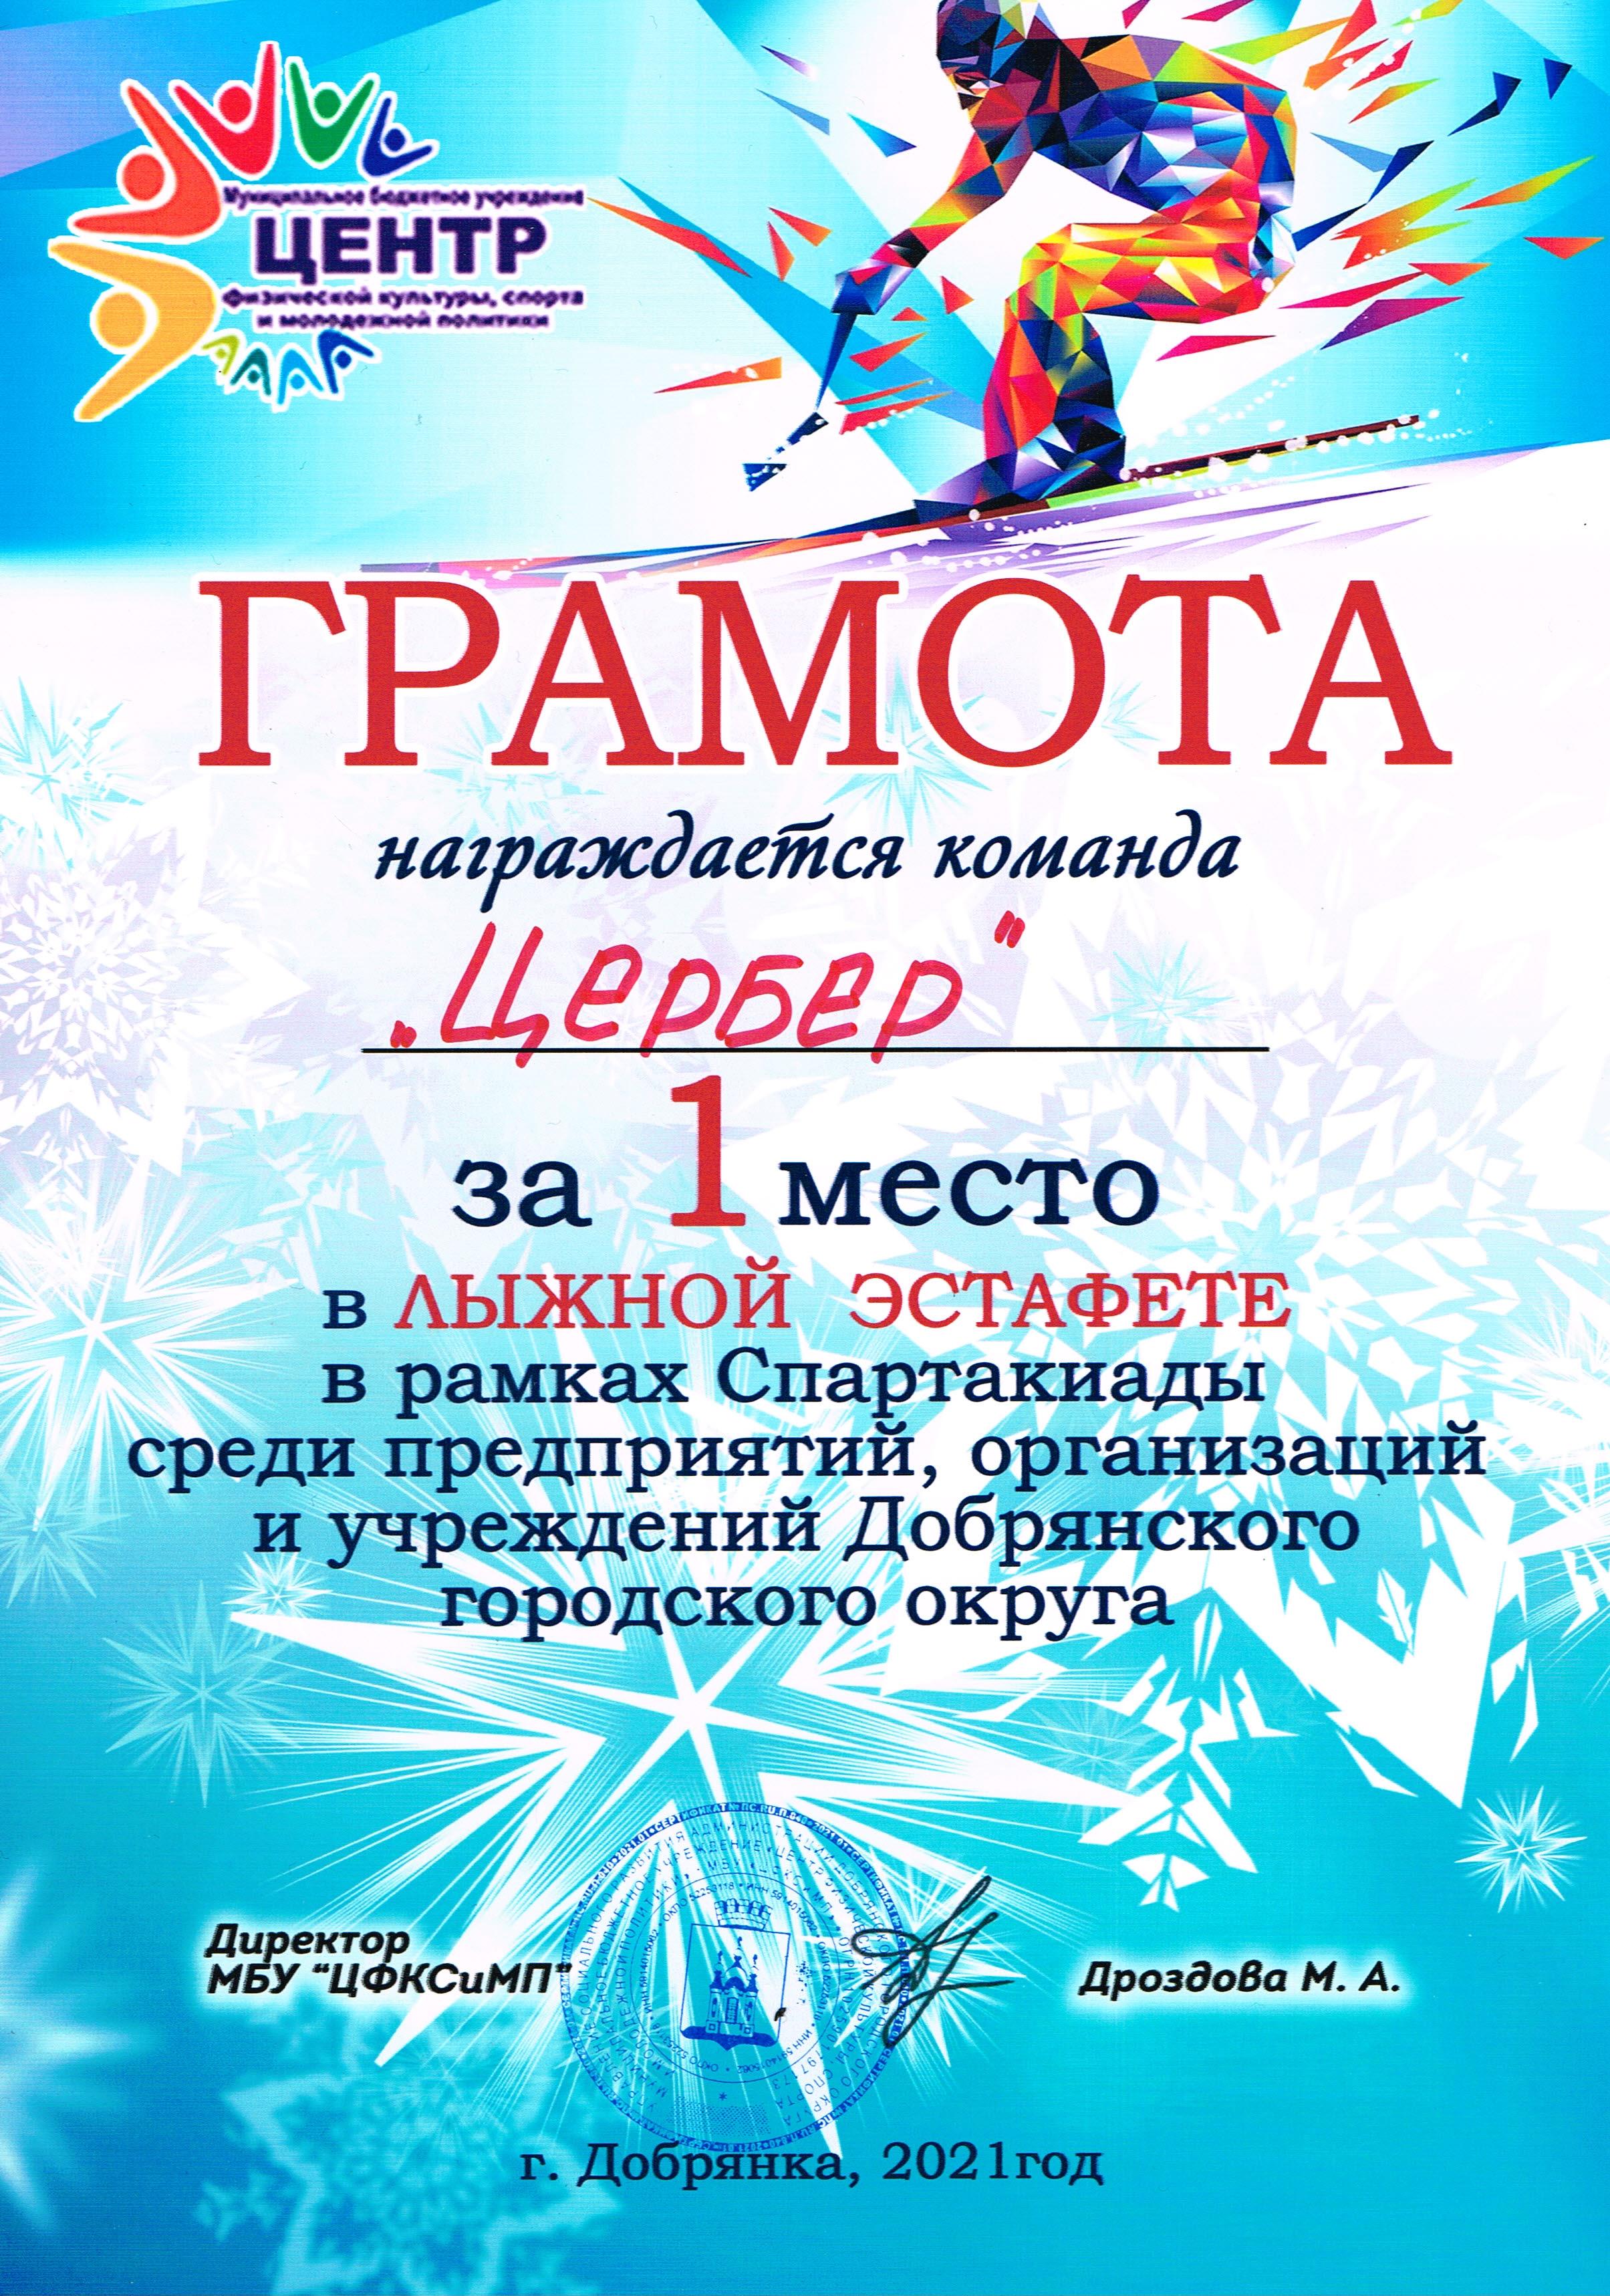 Грамота за 1 место в лыжной эстафете